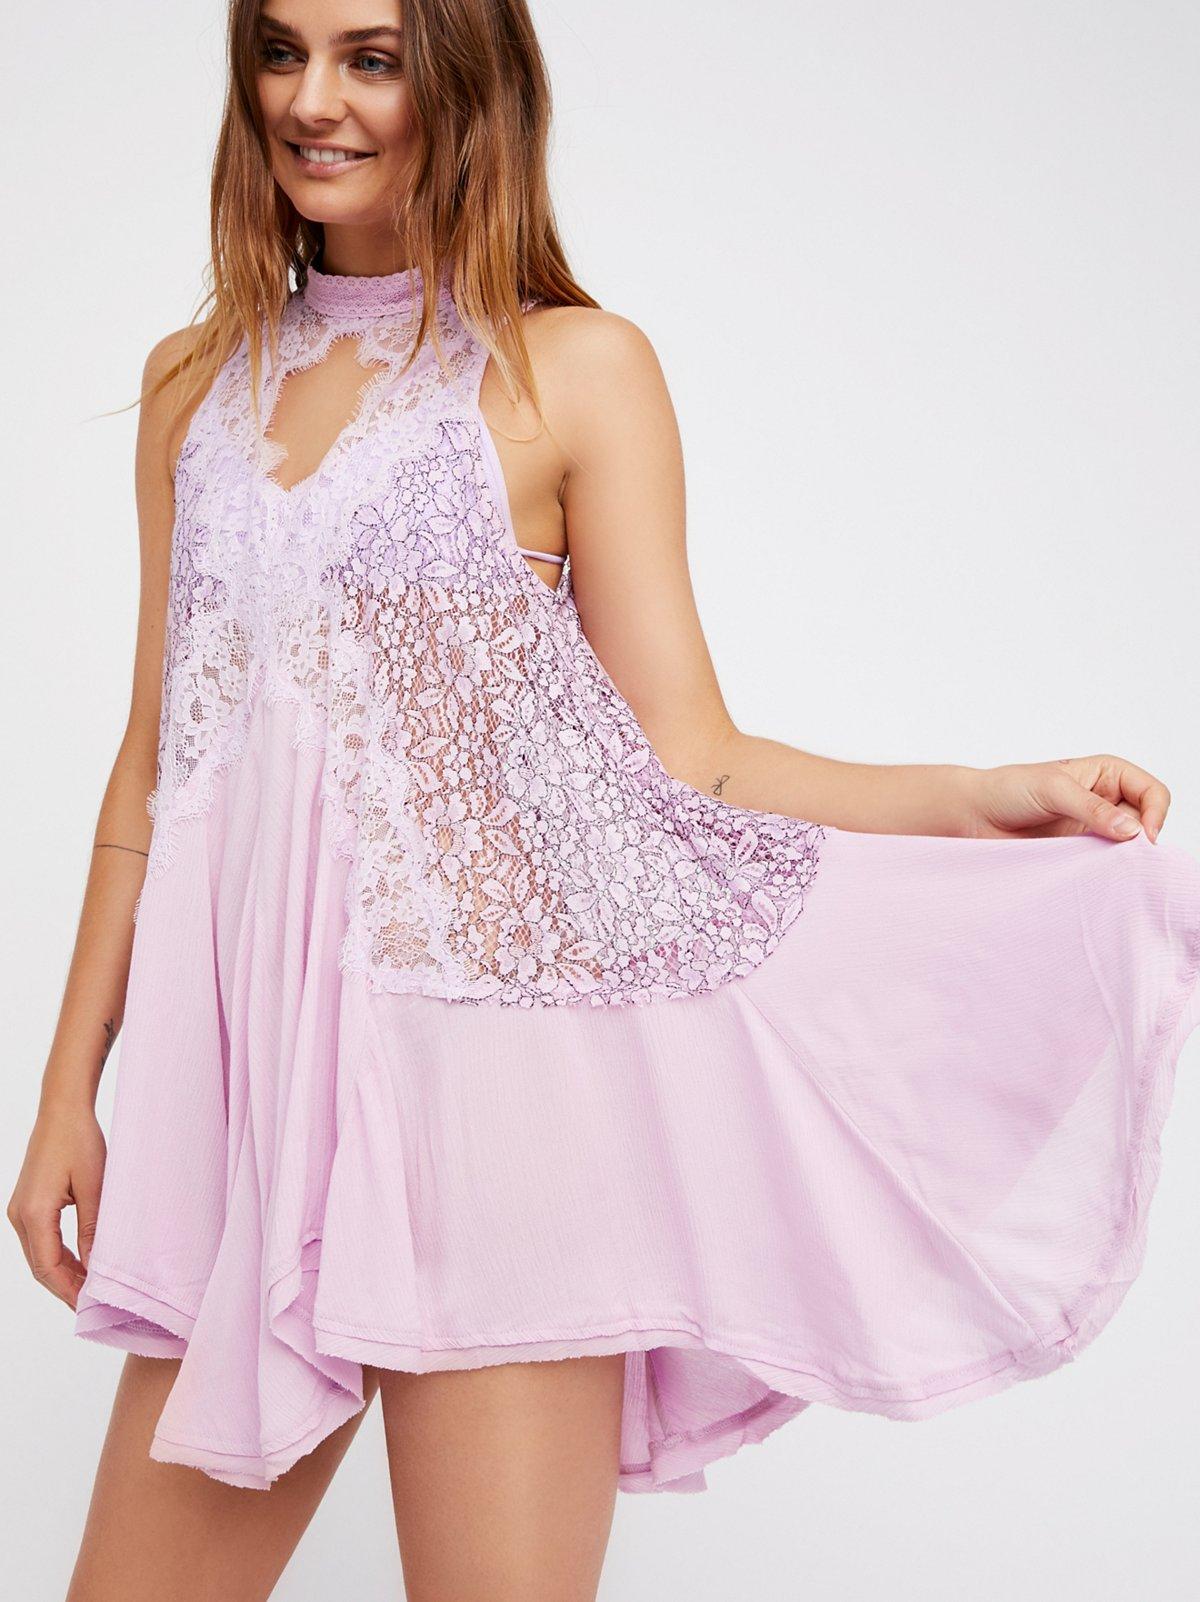 Cross My Heart in Lace Tunic